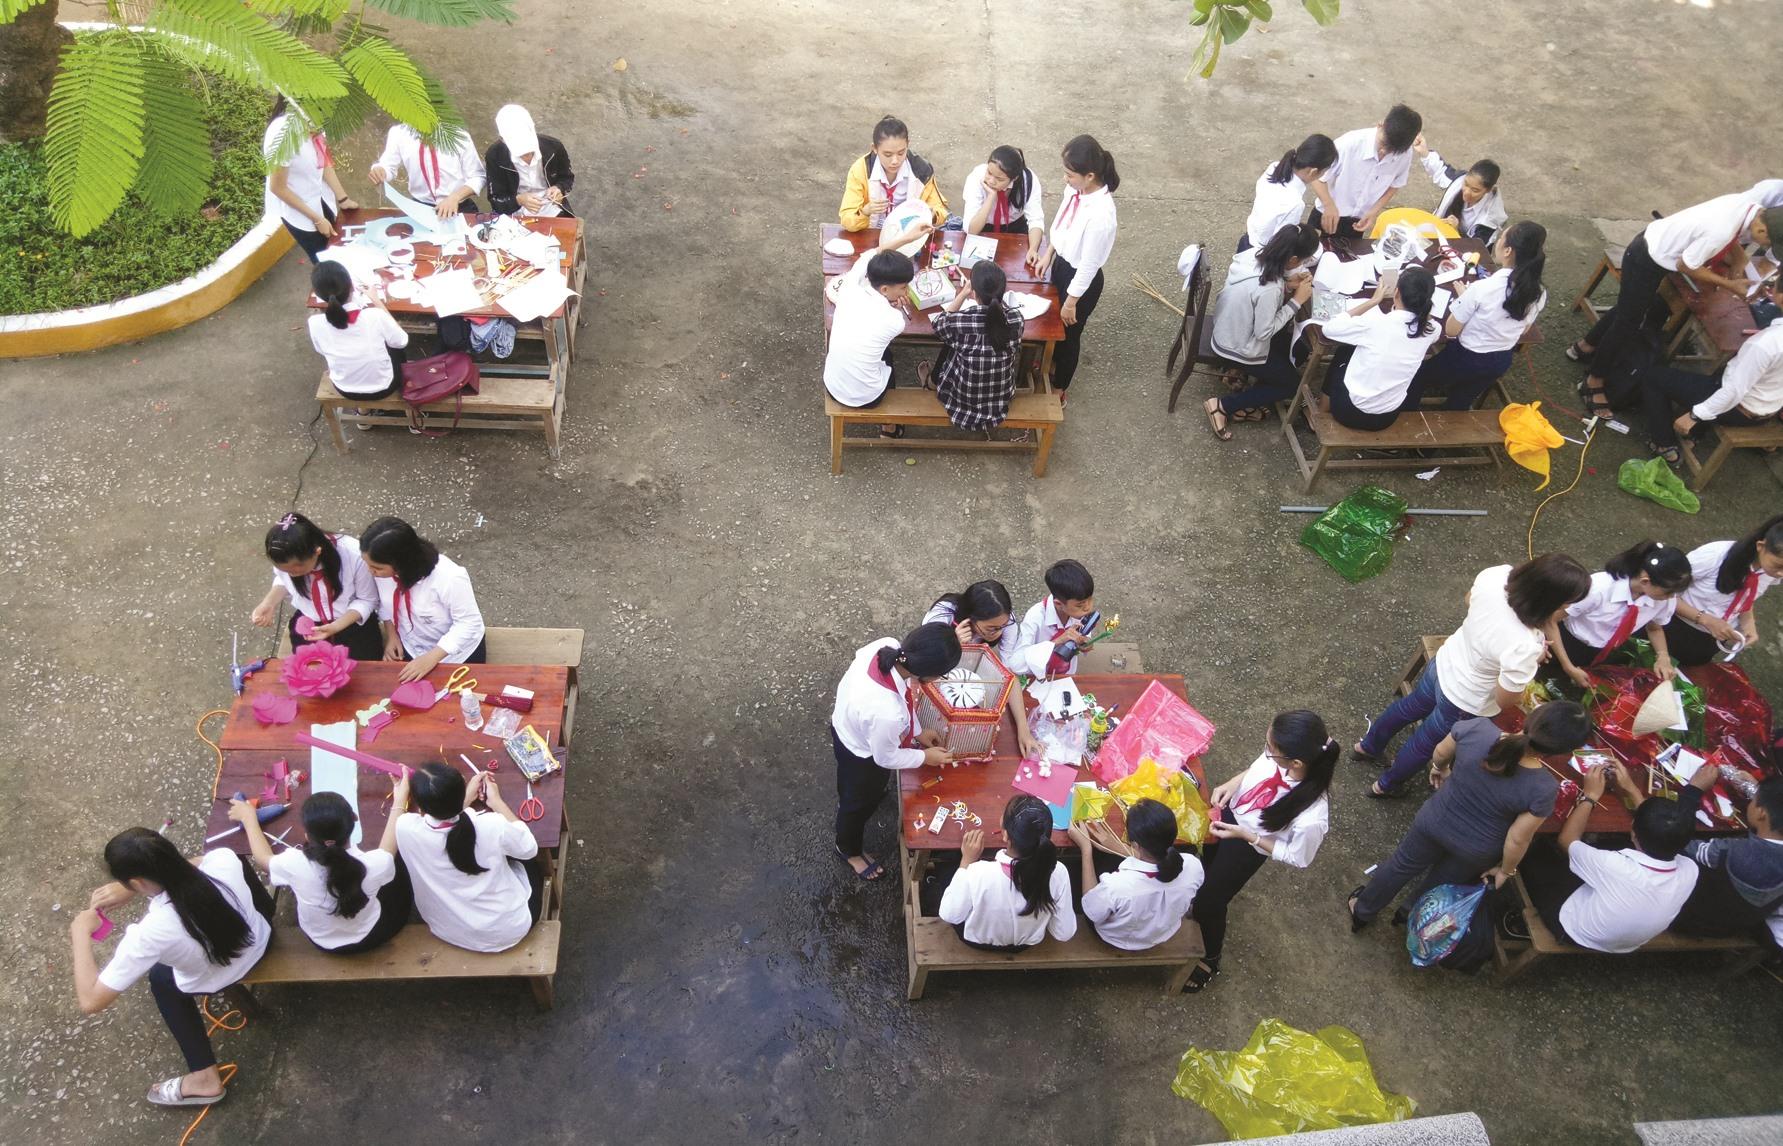 Trường THCS Nguyễn Văn Trỗi tổ chức hoạt động ngoại khóa để tăng cường giáo dục kỹ năng sống cho học sinh. Ảnh: C.N